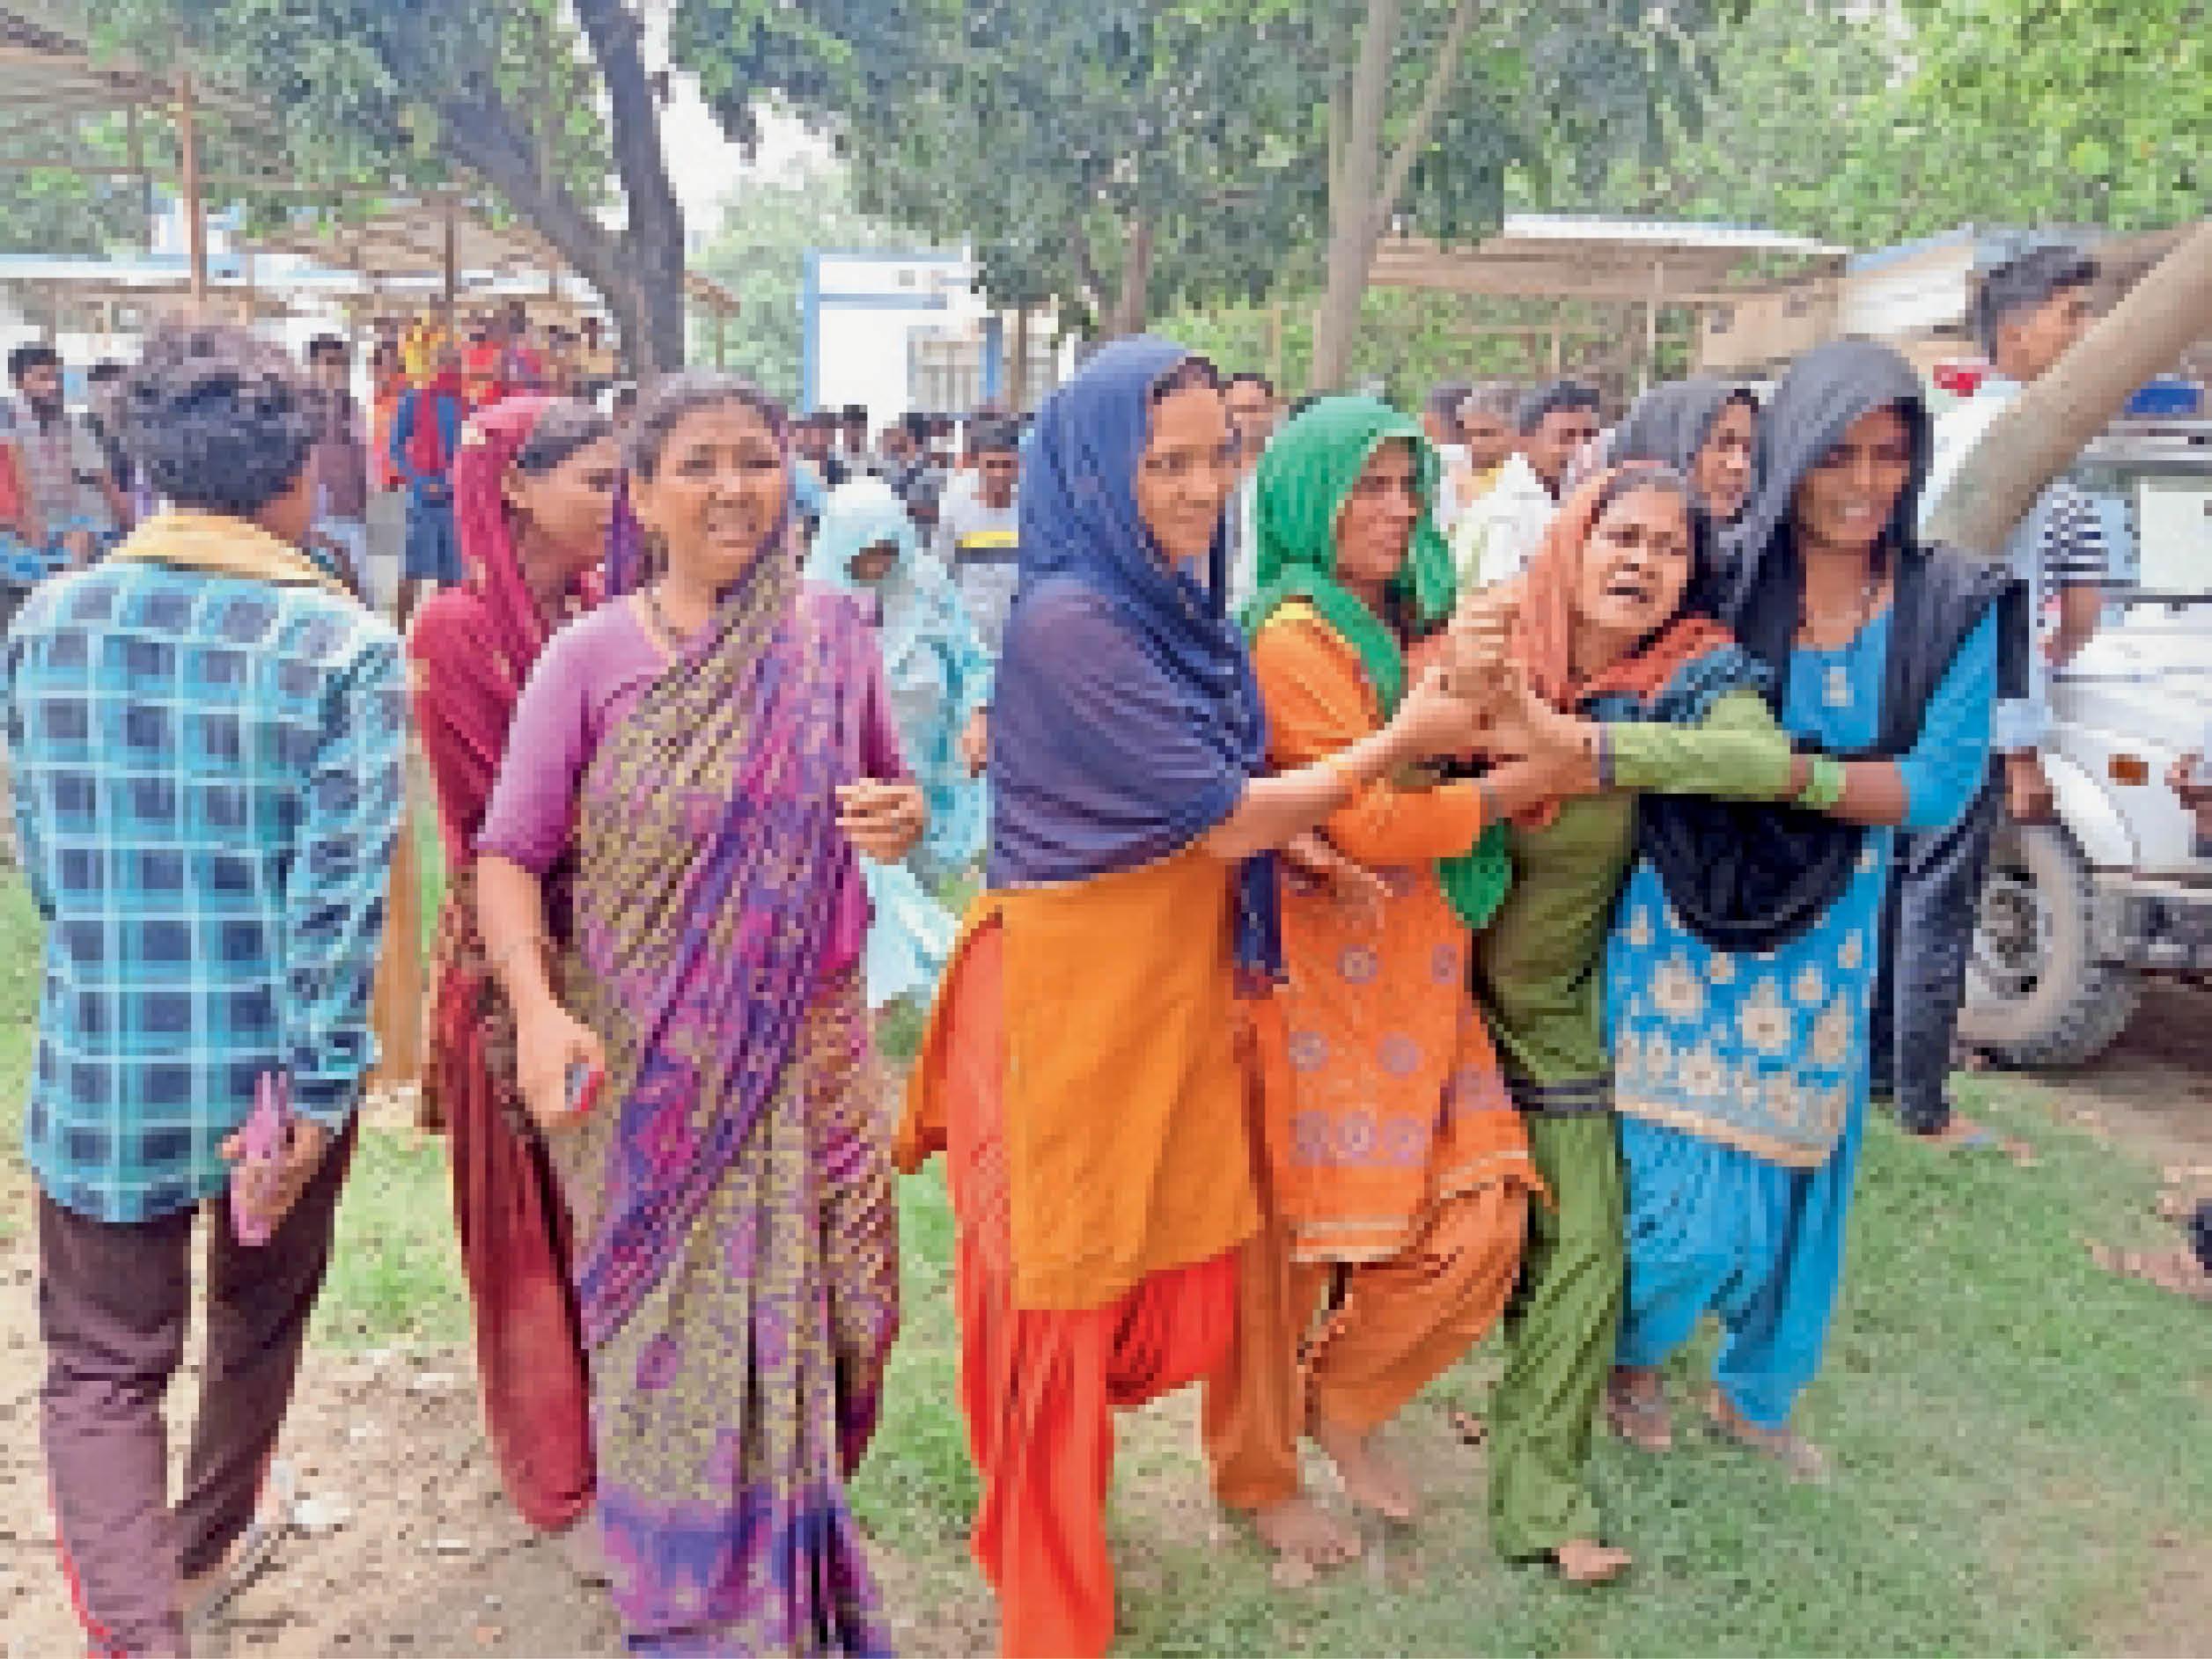 बुधवार को सदर अस्पताल में रोते-बिलखते नजरूल के परिजन व मौके पर जुटी ग्रामीणों की भीड़। - Dainik Bhaskar